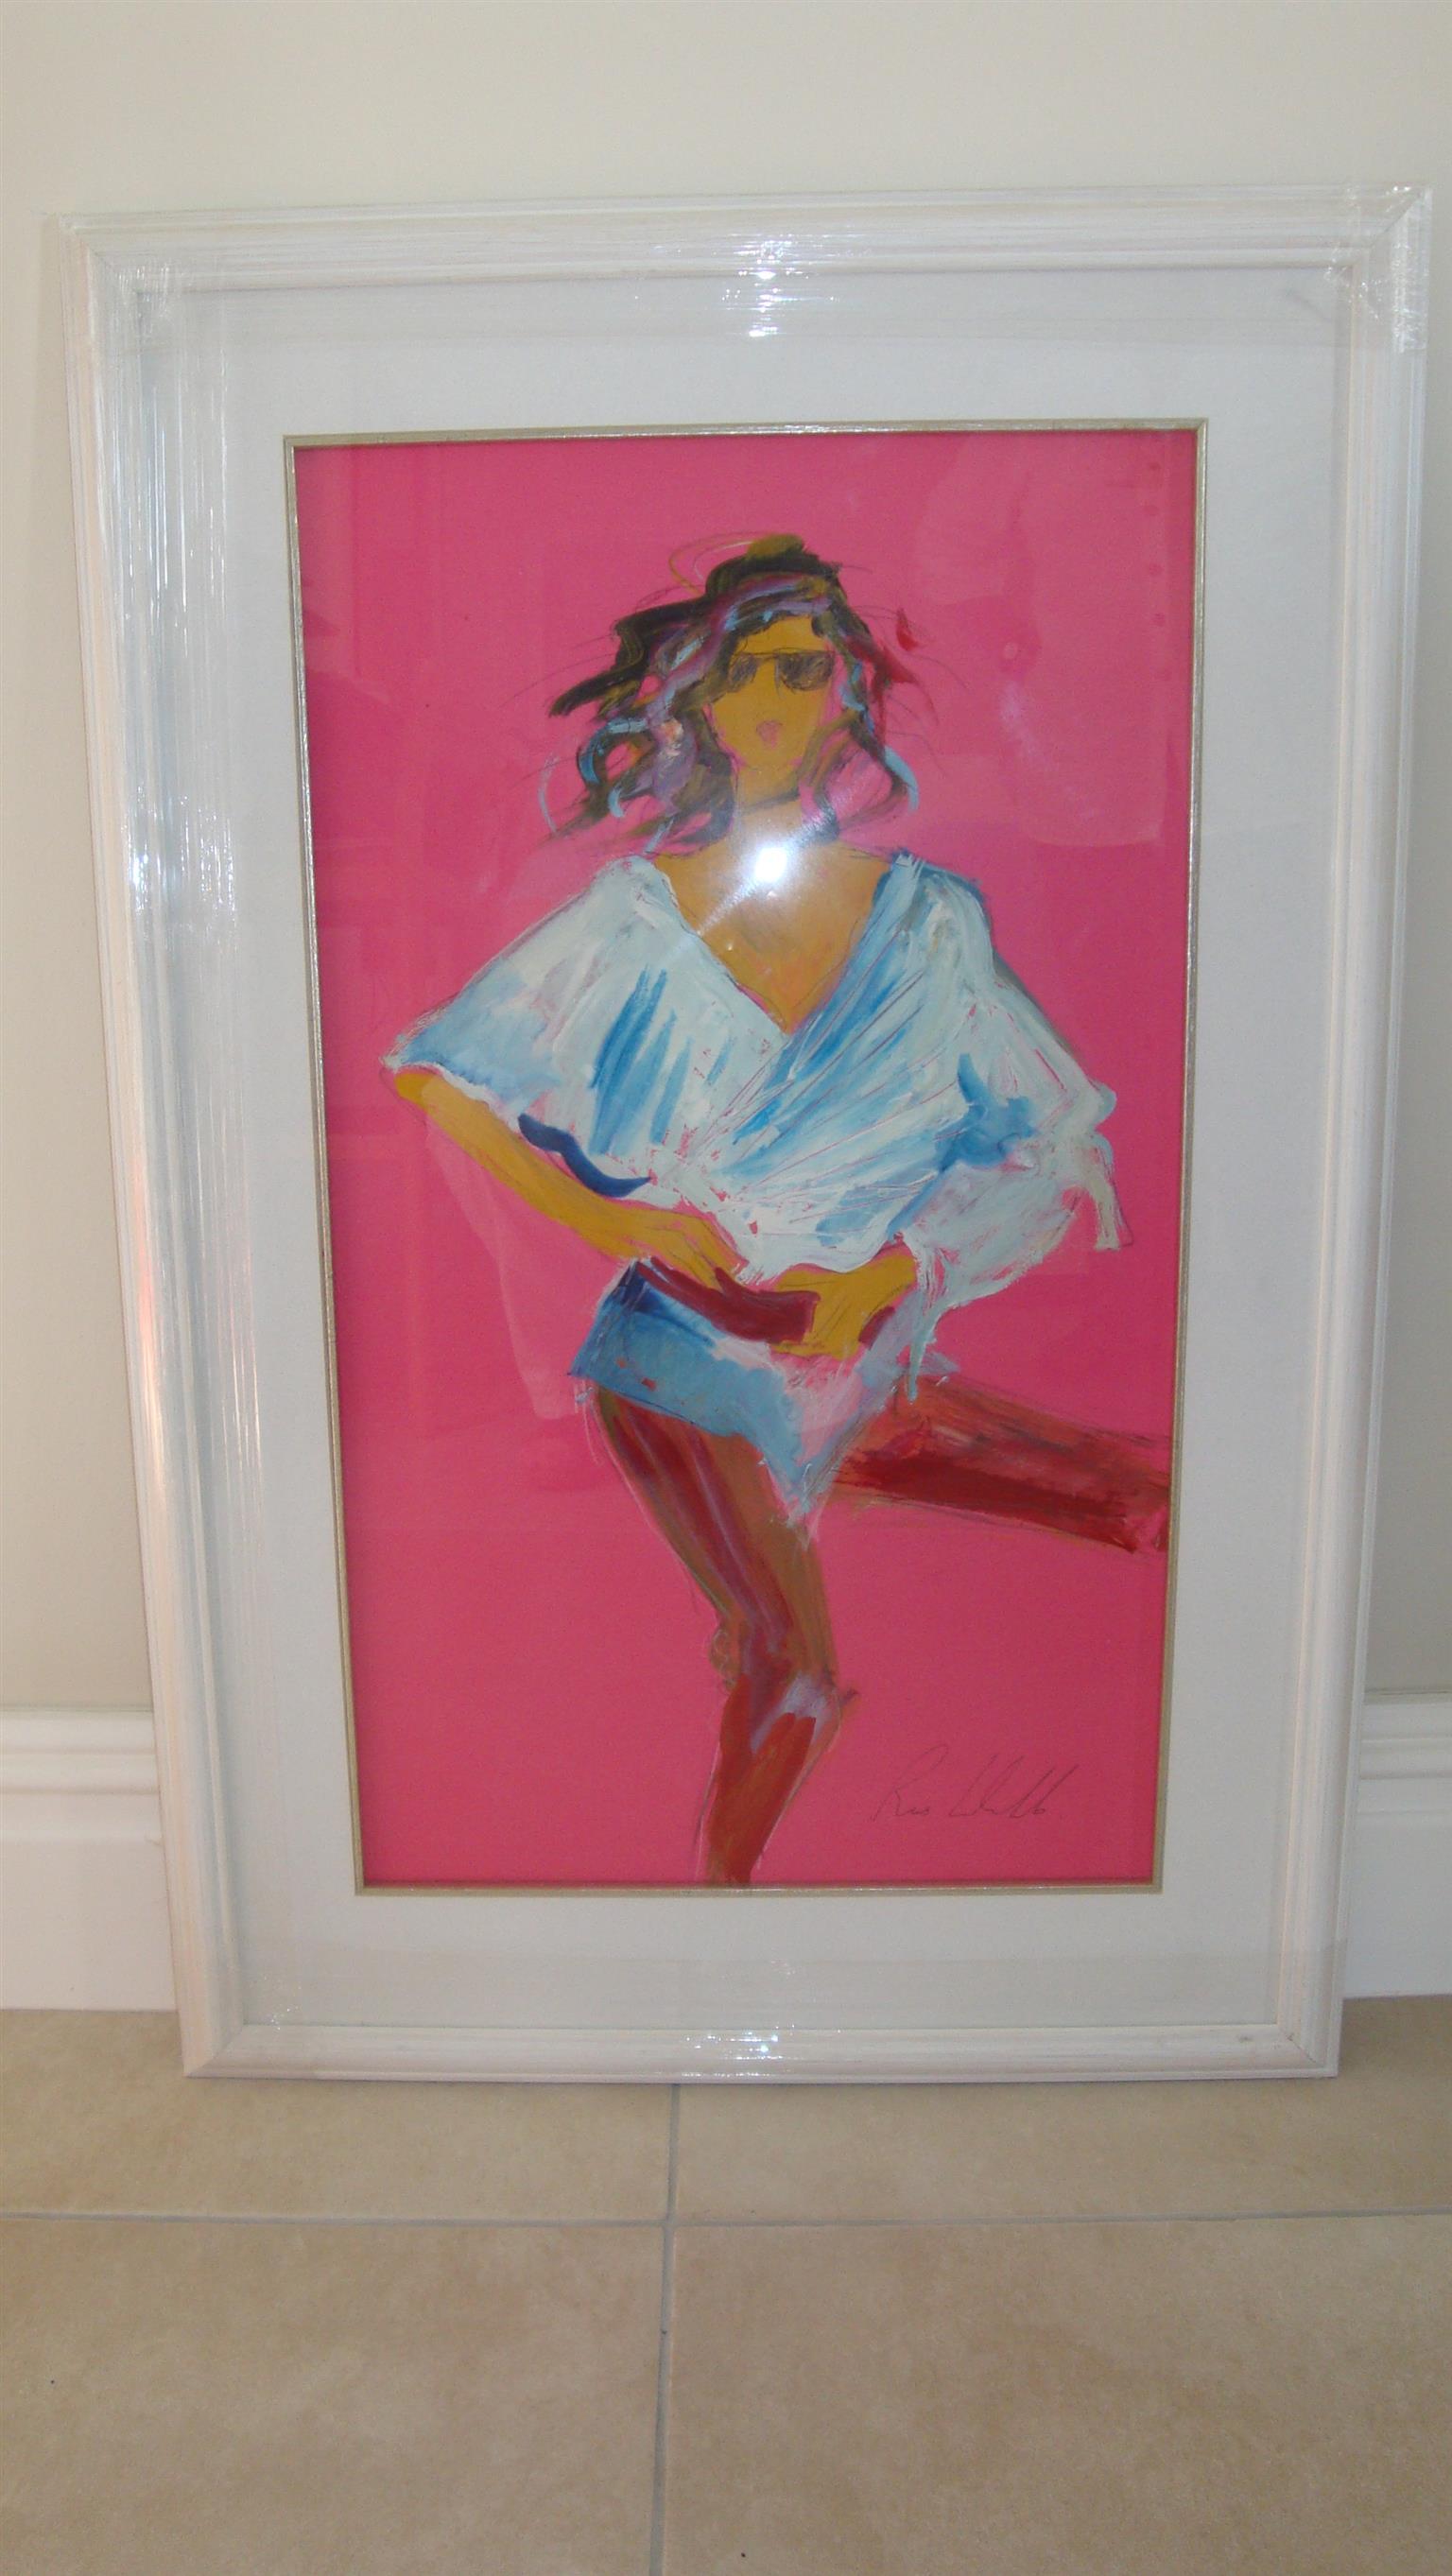 Affordable, original and framed art by Irish artist Ros Webb - modern dancer on pink background